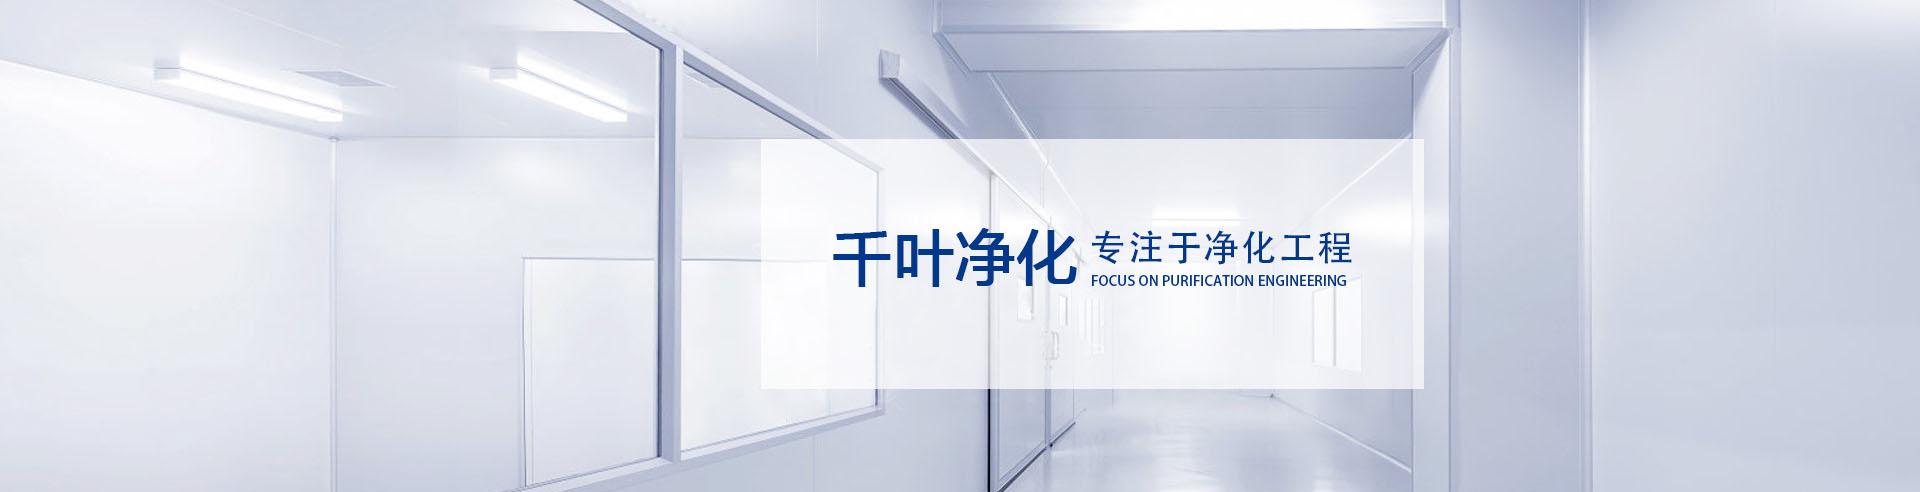 http://www.zhqianye.com/data/upload/202103/20210304101853_610.jpg